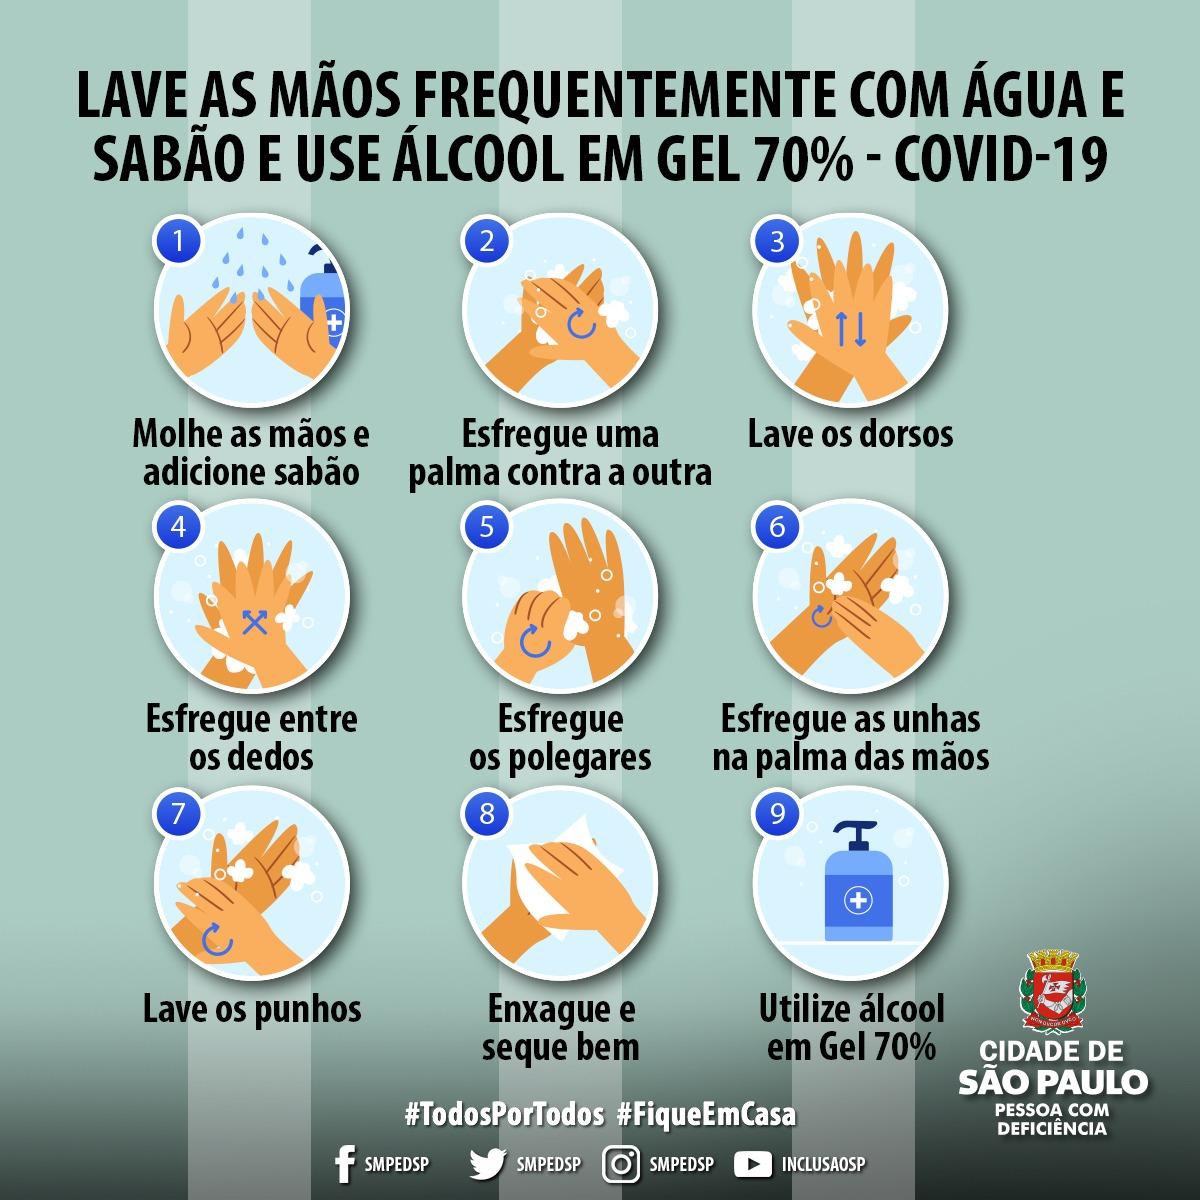 : plano de fundo azul claro com listras com um azul mais claro. No topo da imagem, texto: Lave as mãos frequentemente com água e sabão e use álcool em gel 70% - COVID-19.  Ilustrações abaixo com todas as informações de lavar as mãos.